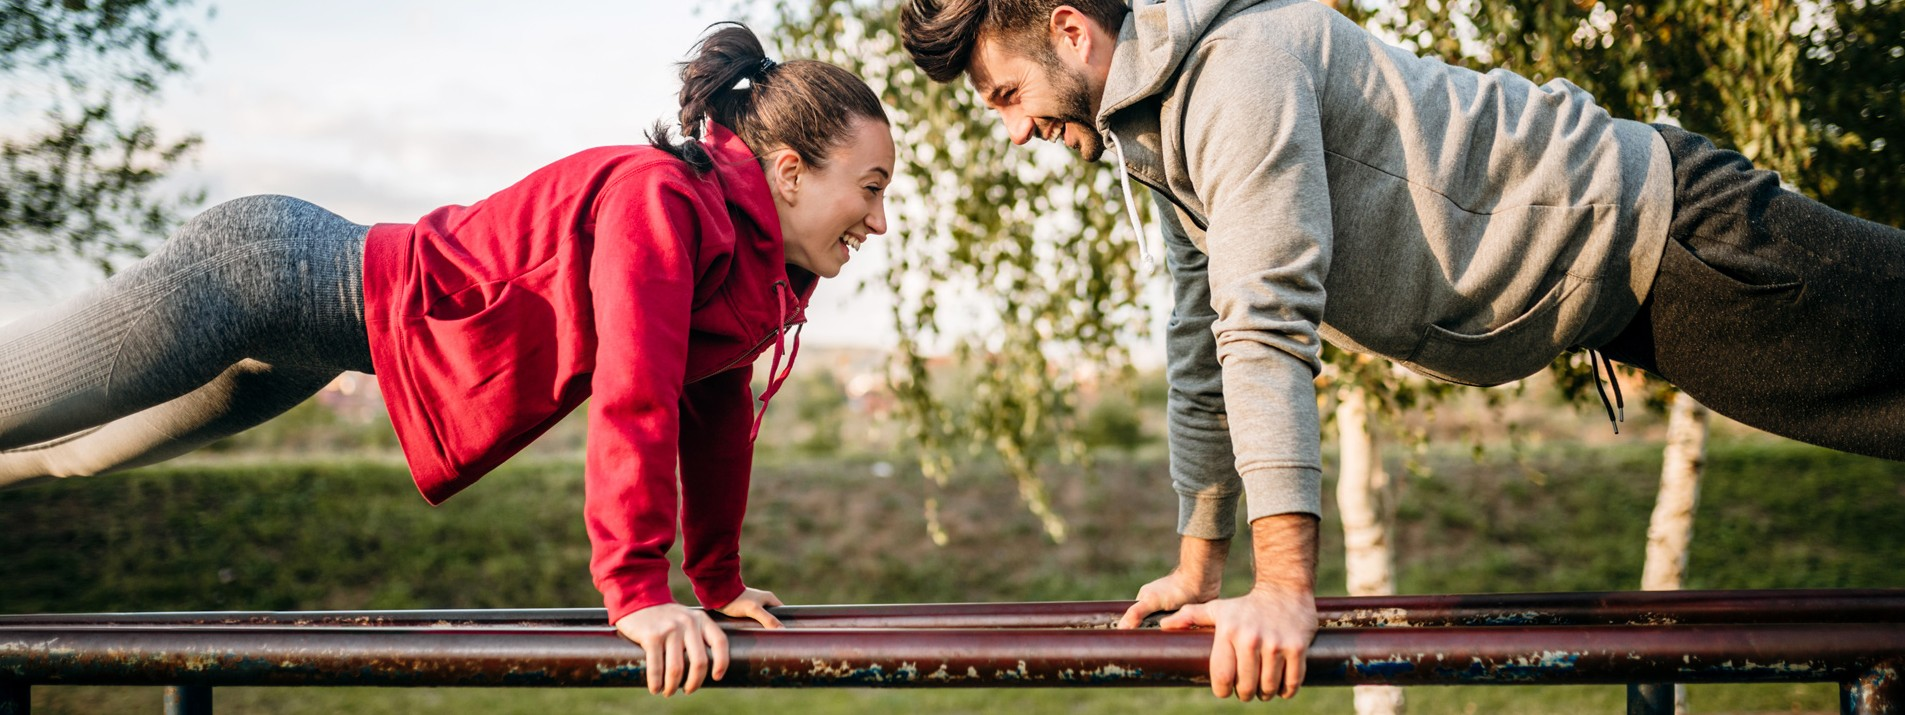 Eine etwa 30-jährige Frau und ein etwa 30-jähriger Mann machen Liegestütze auf einem Gerüst im Park.